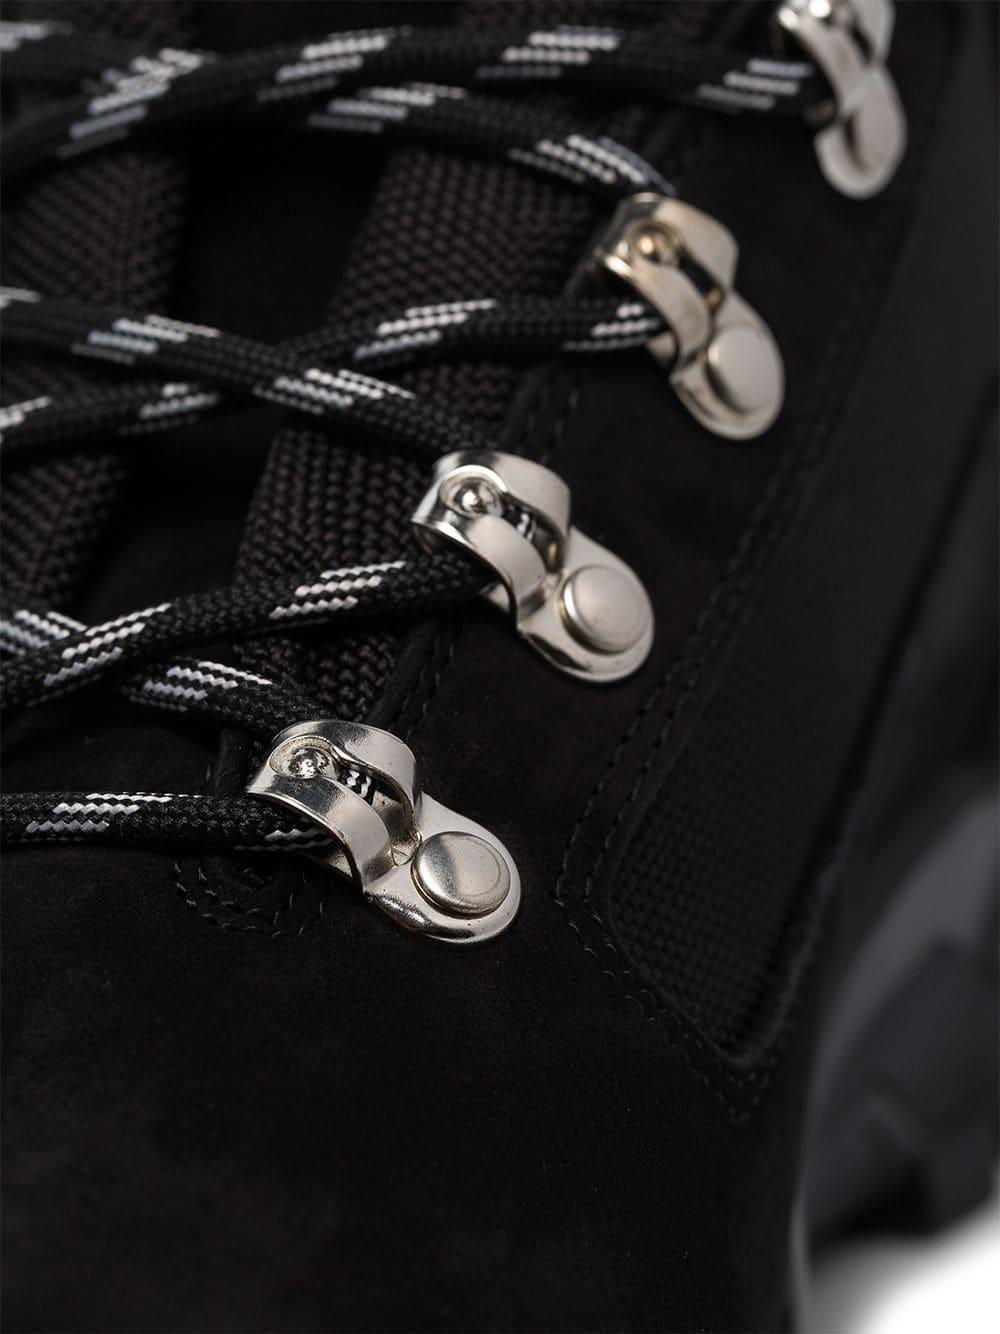 Diemme Suède Cortina Wandellaarzen in het Zwart voor heren